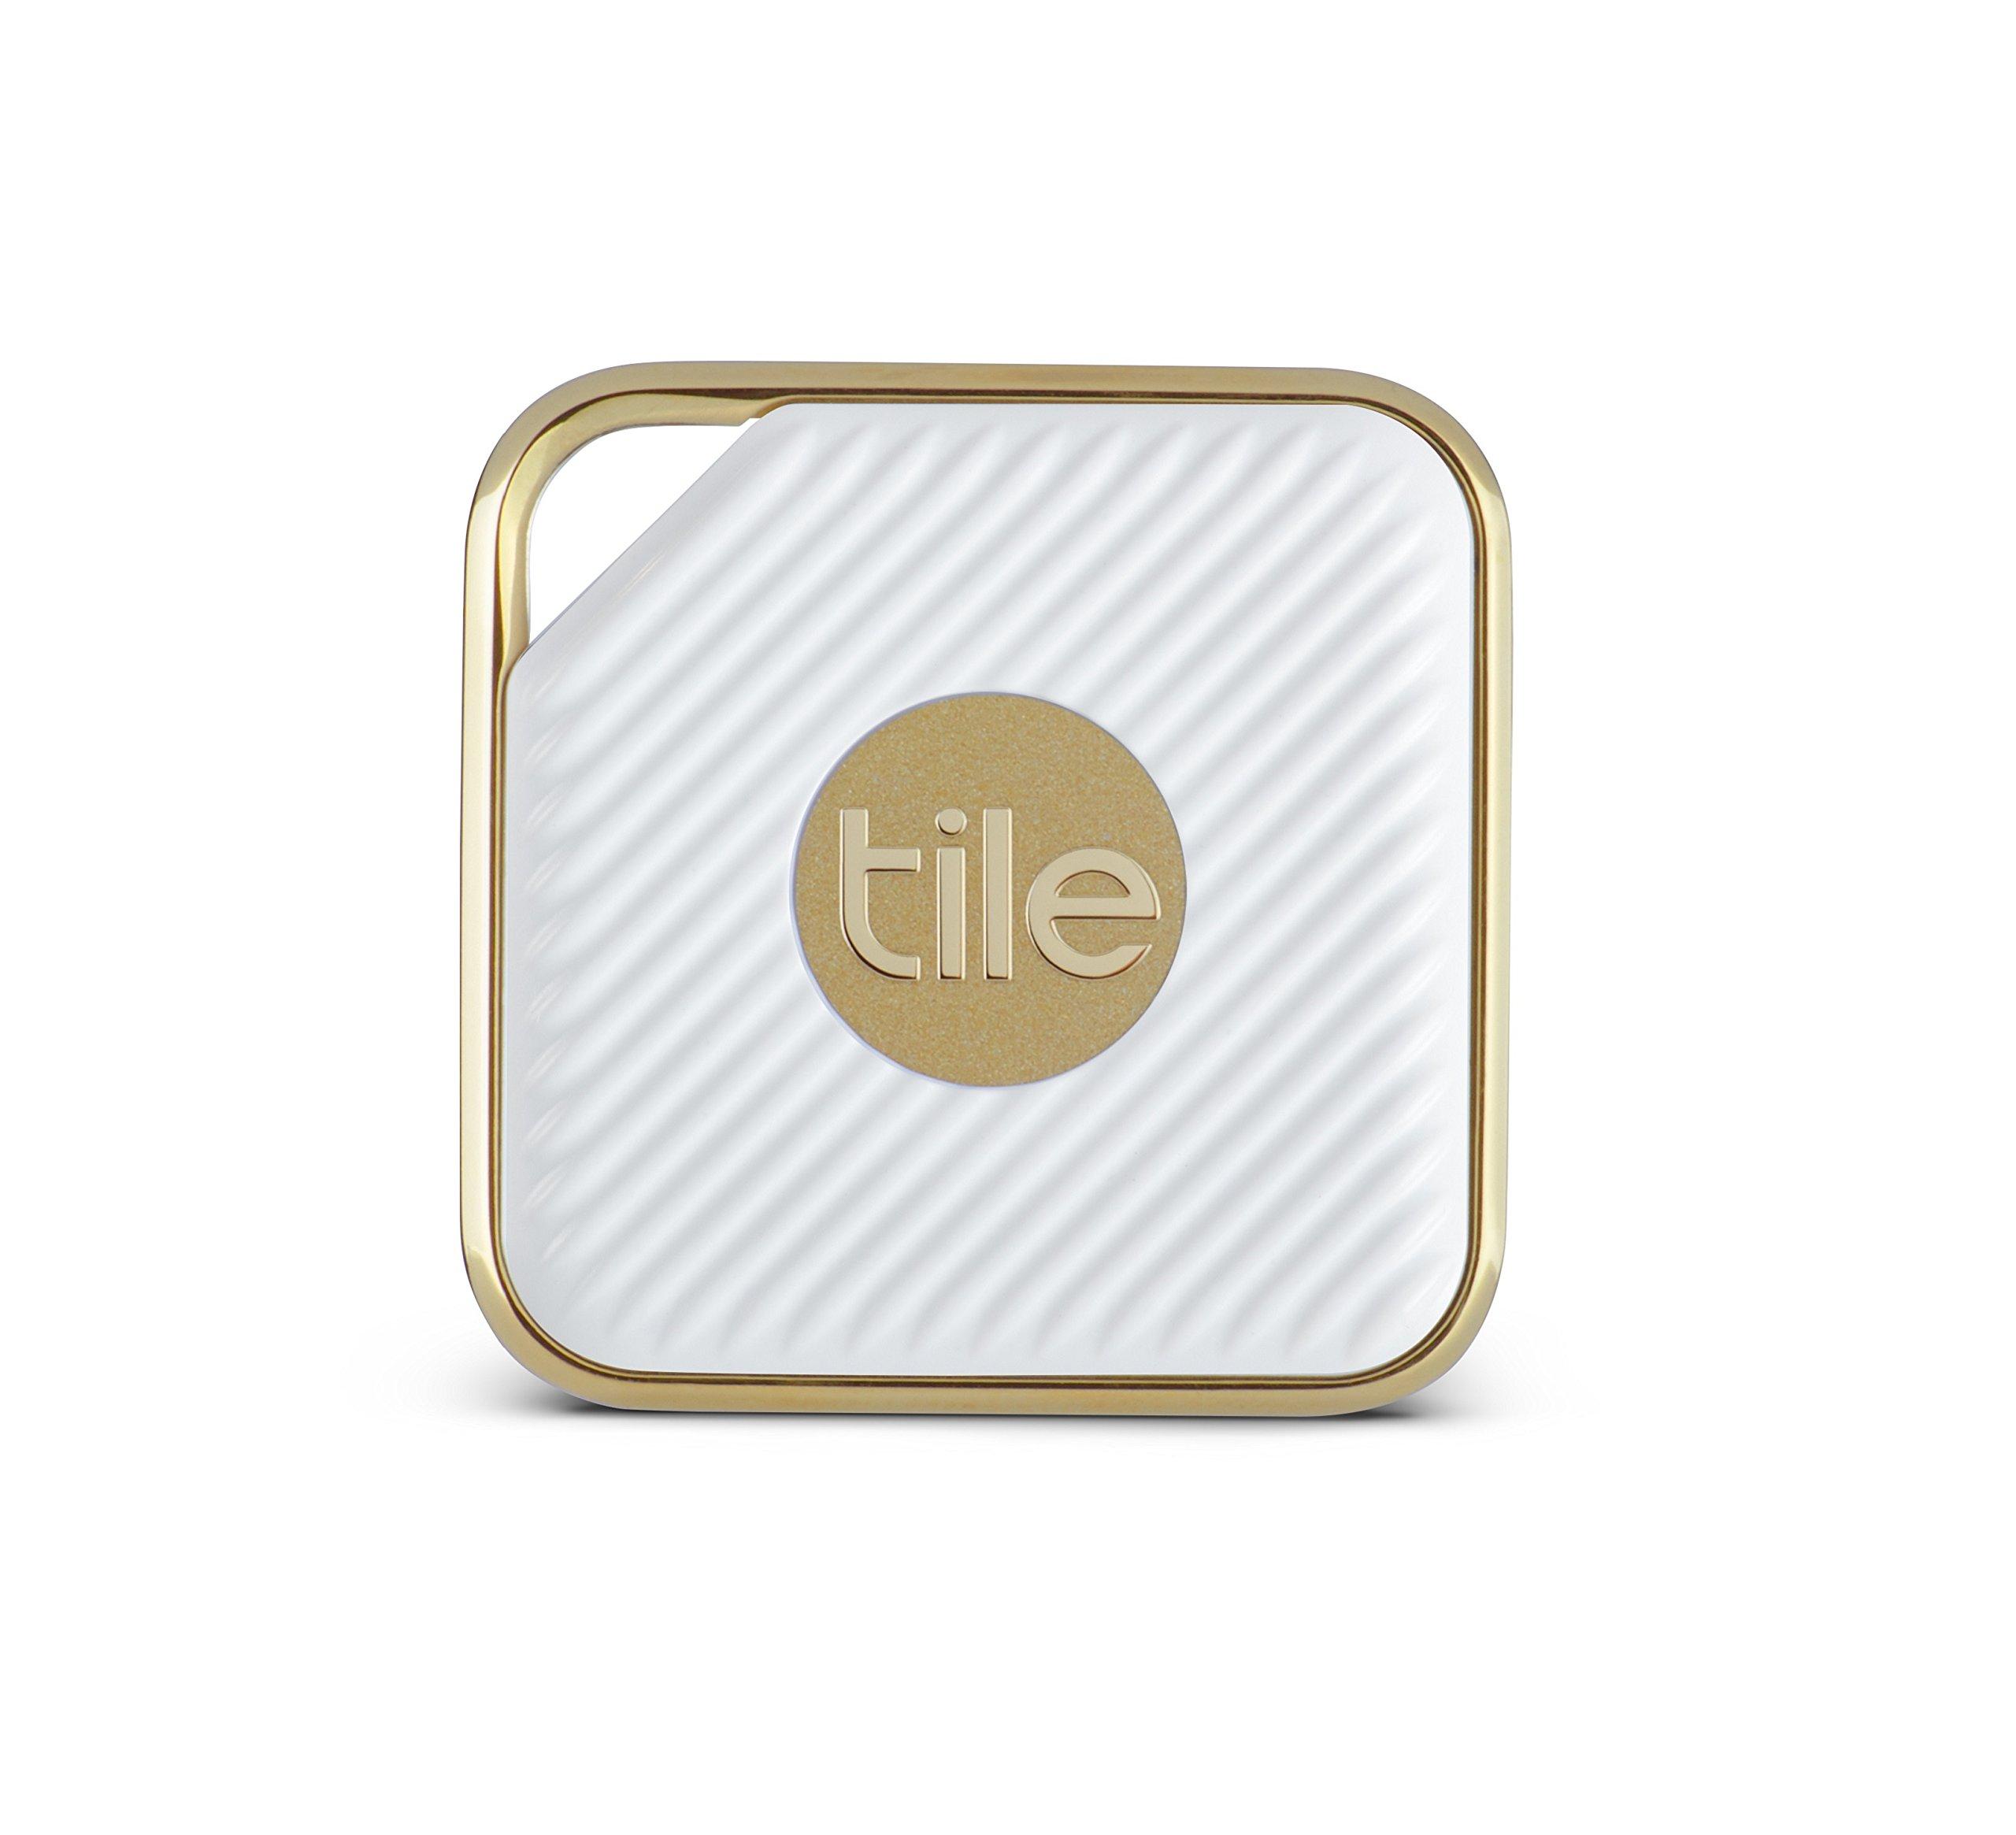 Tile Style - Key Finder. Phone Finder. Anything Finder (Gold) - 1 Pack